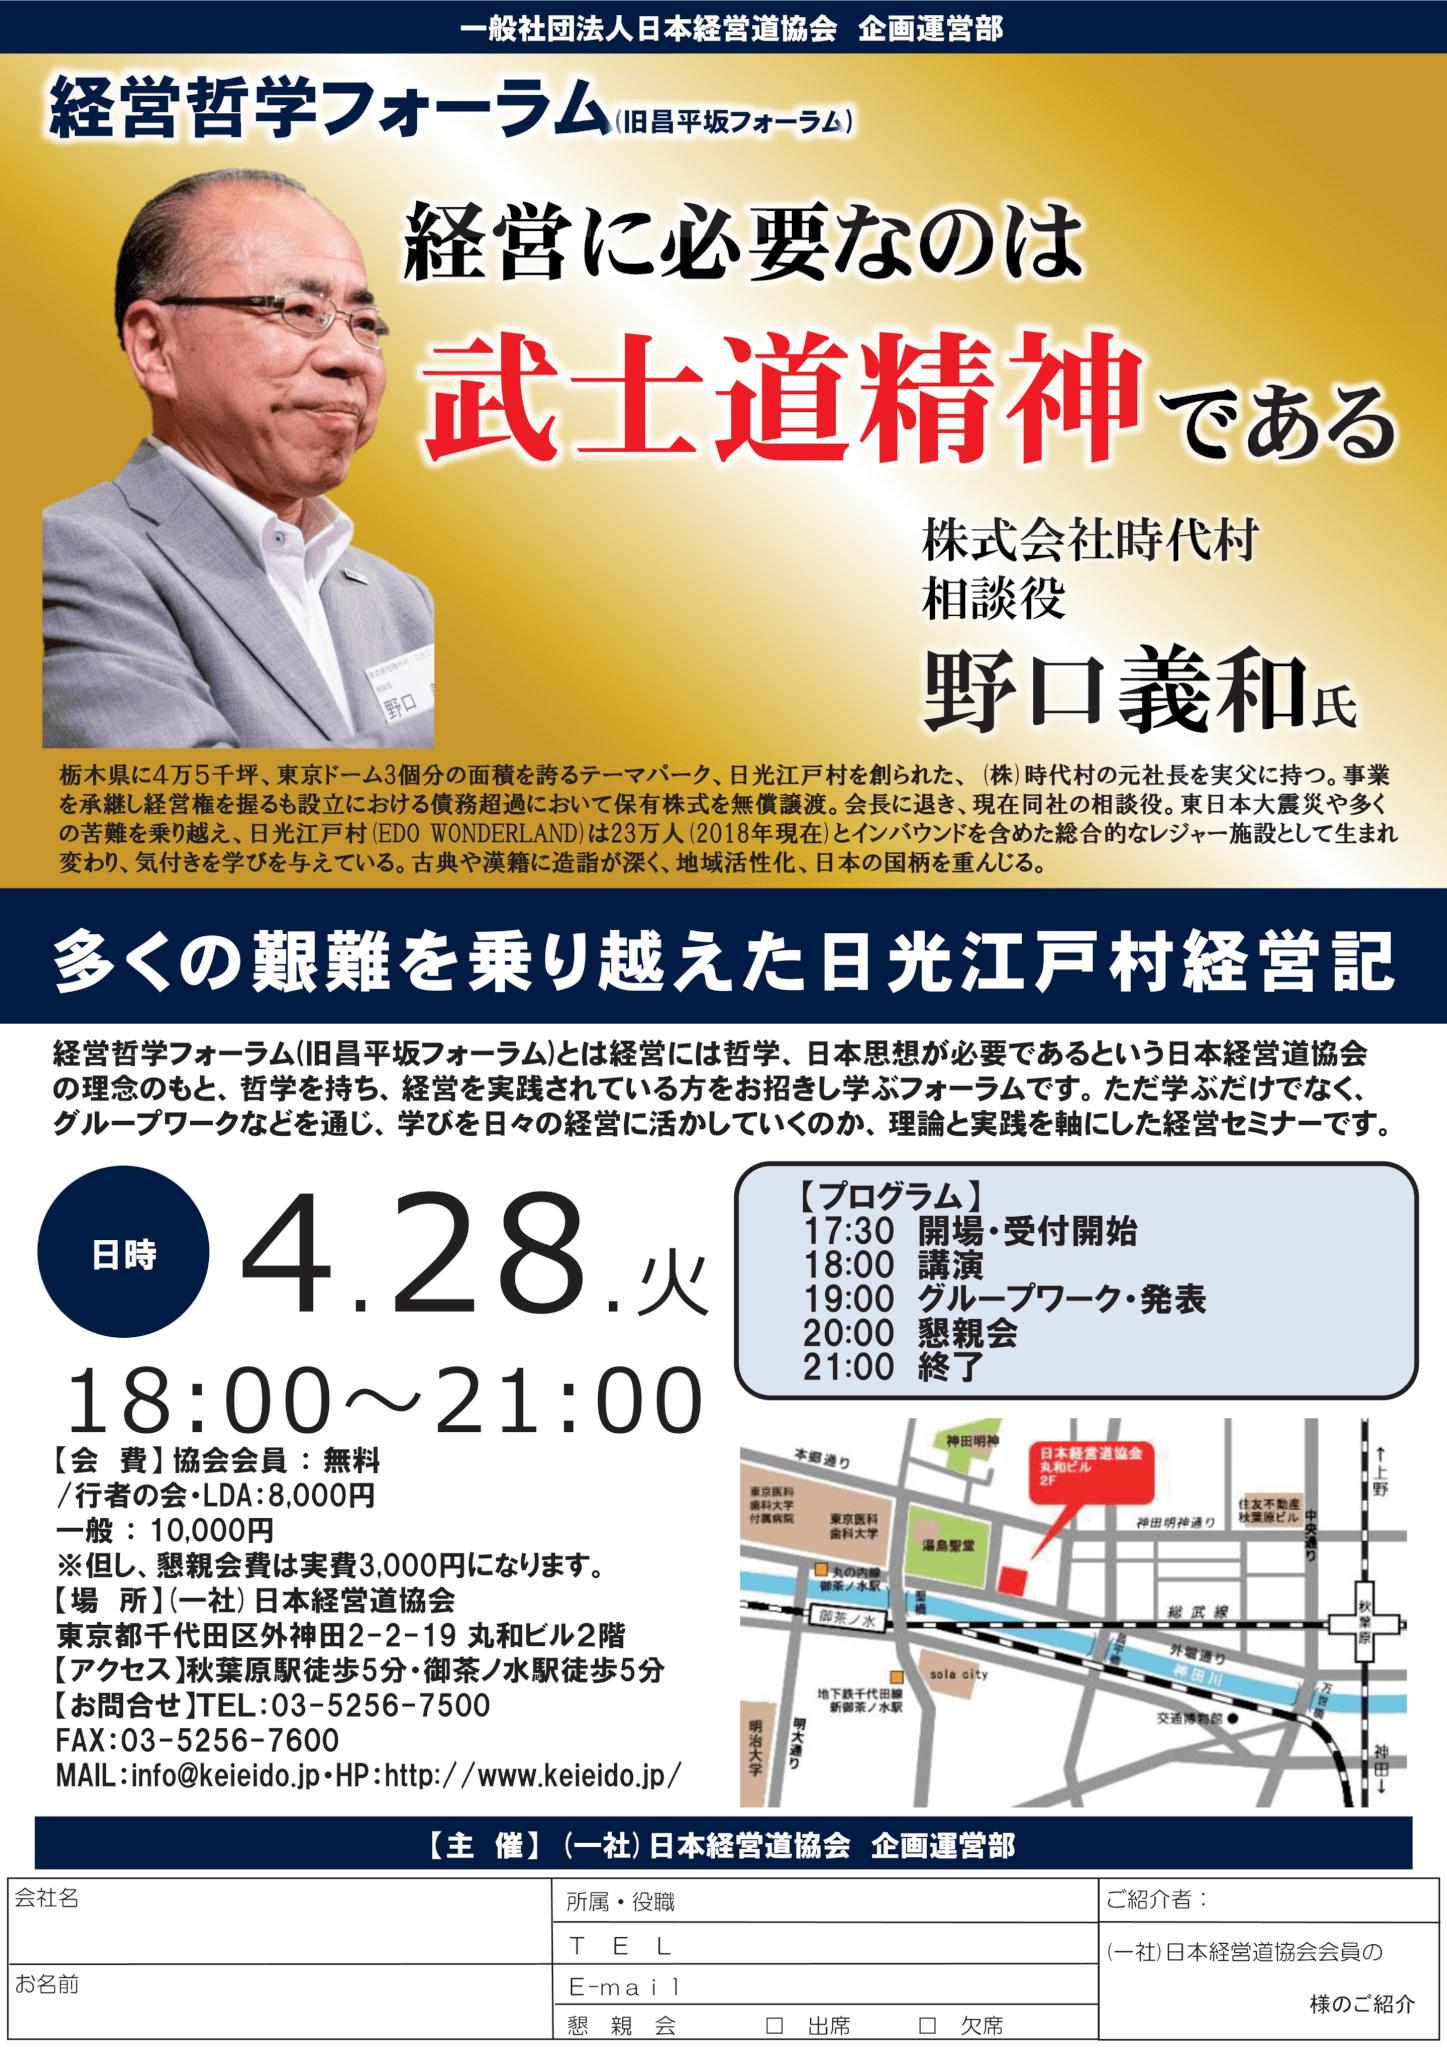 4/28 18:00~経営哲学フォーラム 株式会社時代村 相談役  野口義和氏  ご講演